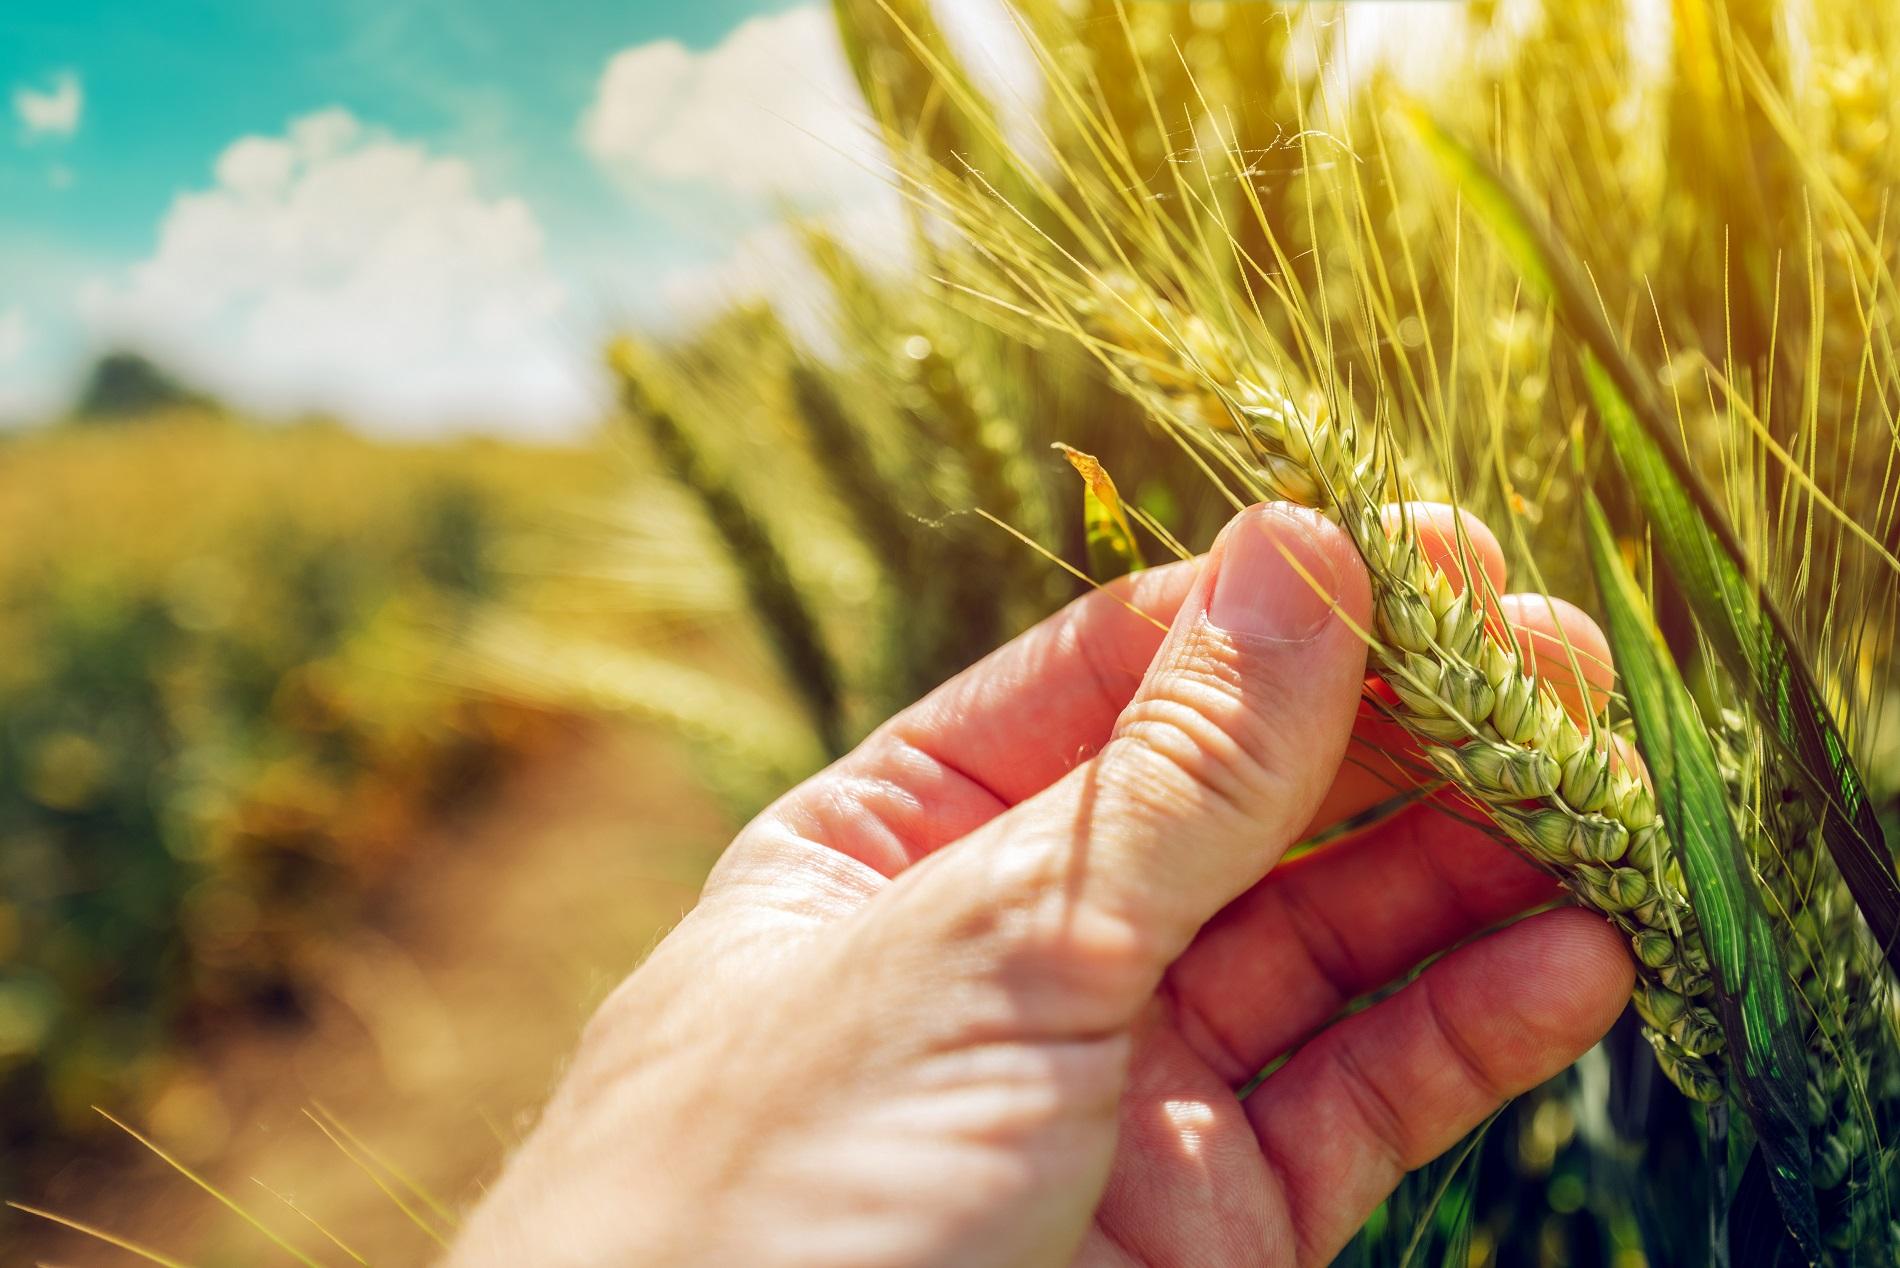 Buenas prácticas agrícolas: Condiciones ideales para la aplicación de fitosanitarios